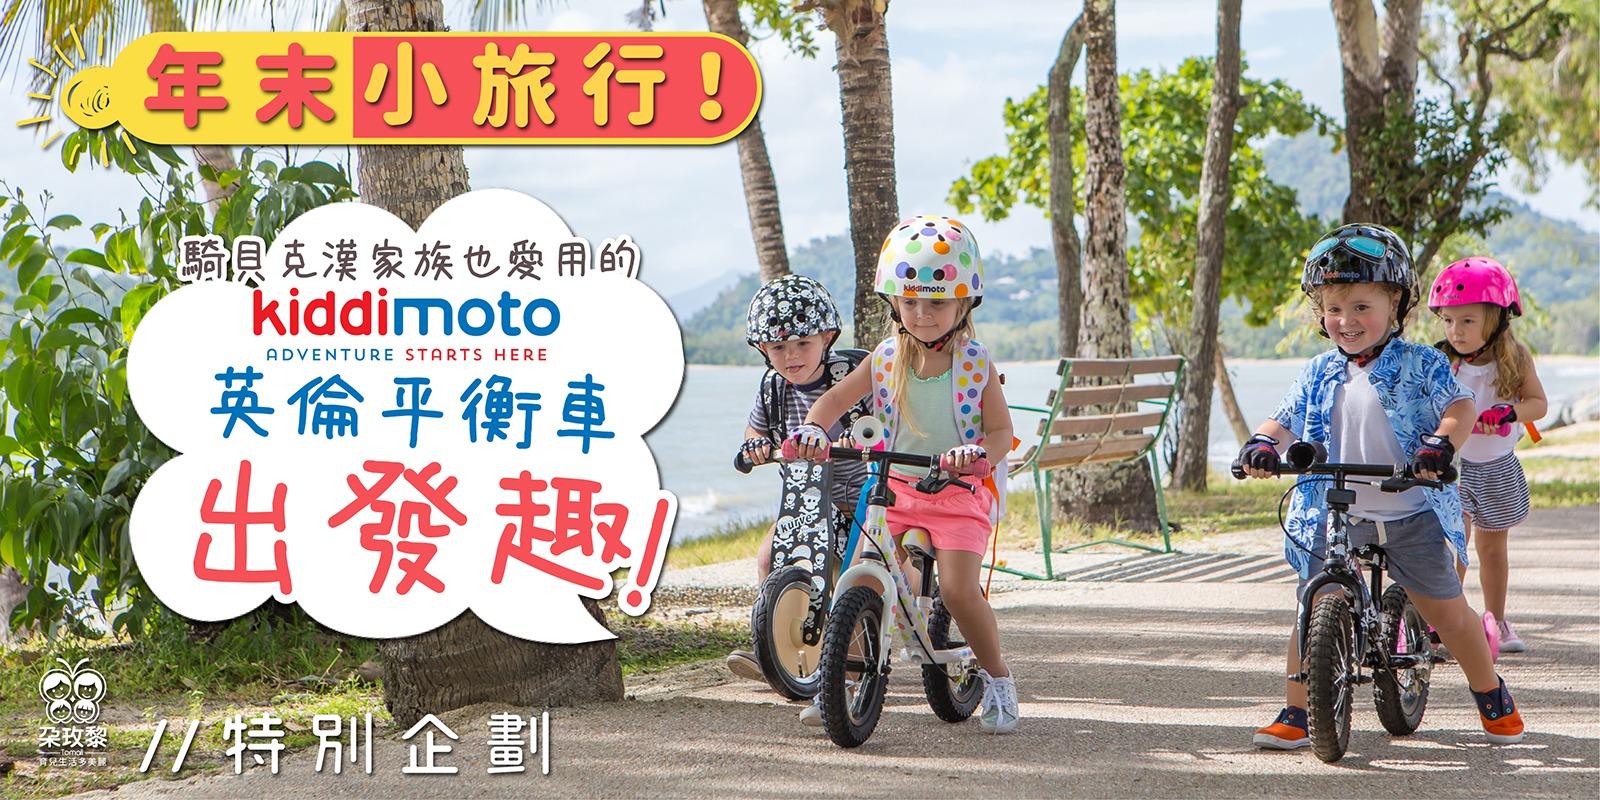 朶特企 年末小旅行!騎貝克漢家族也愛用的Kiddimoto英倫平衡車出發趣!